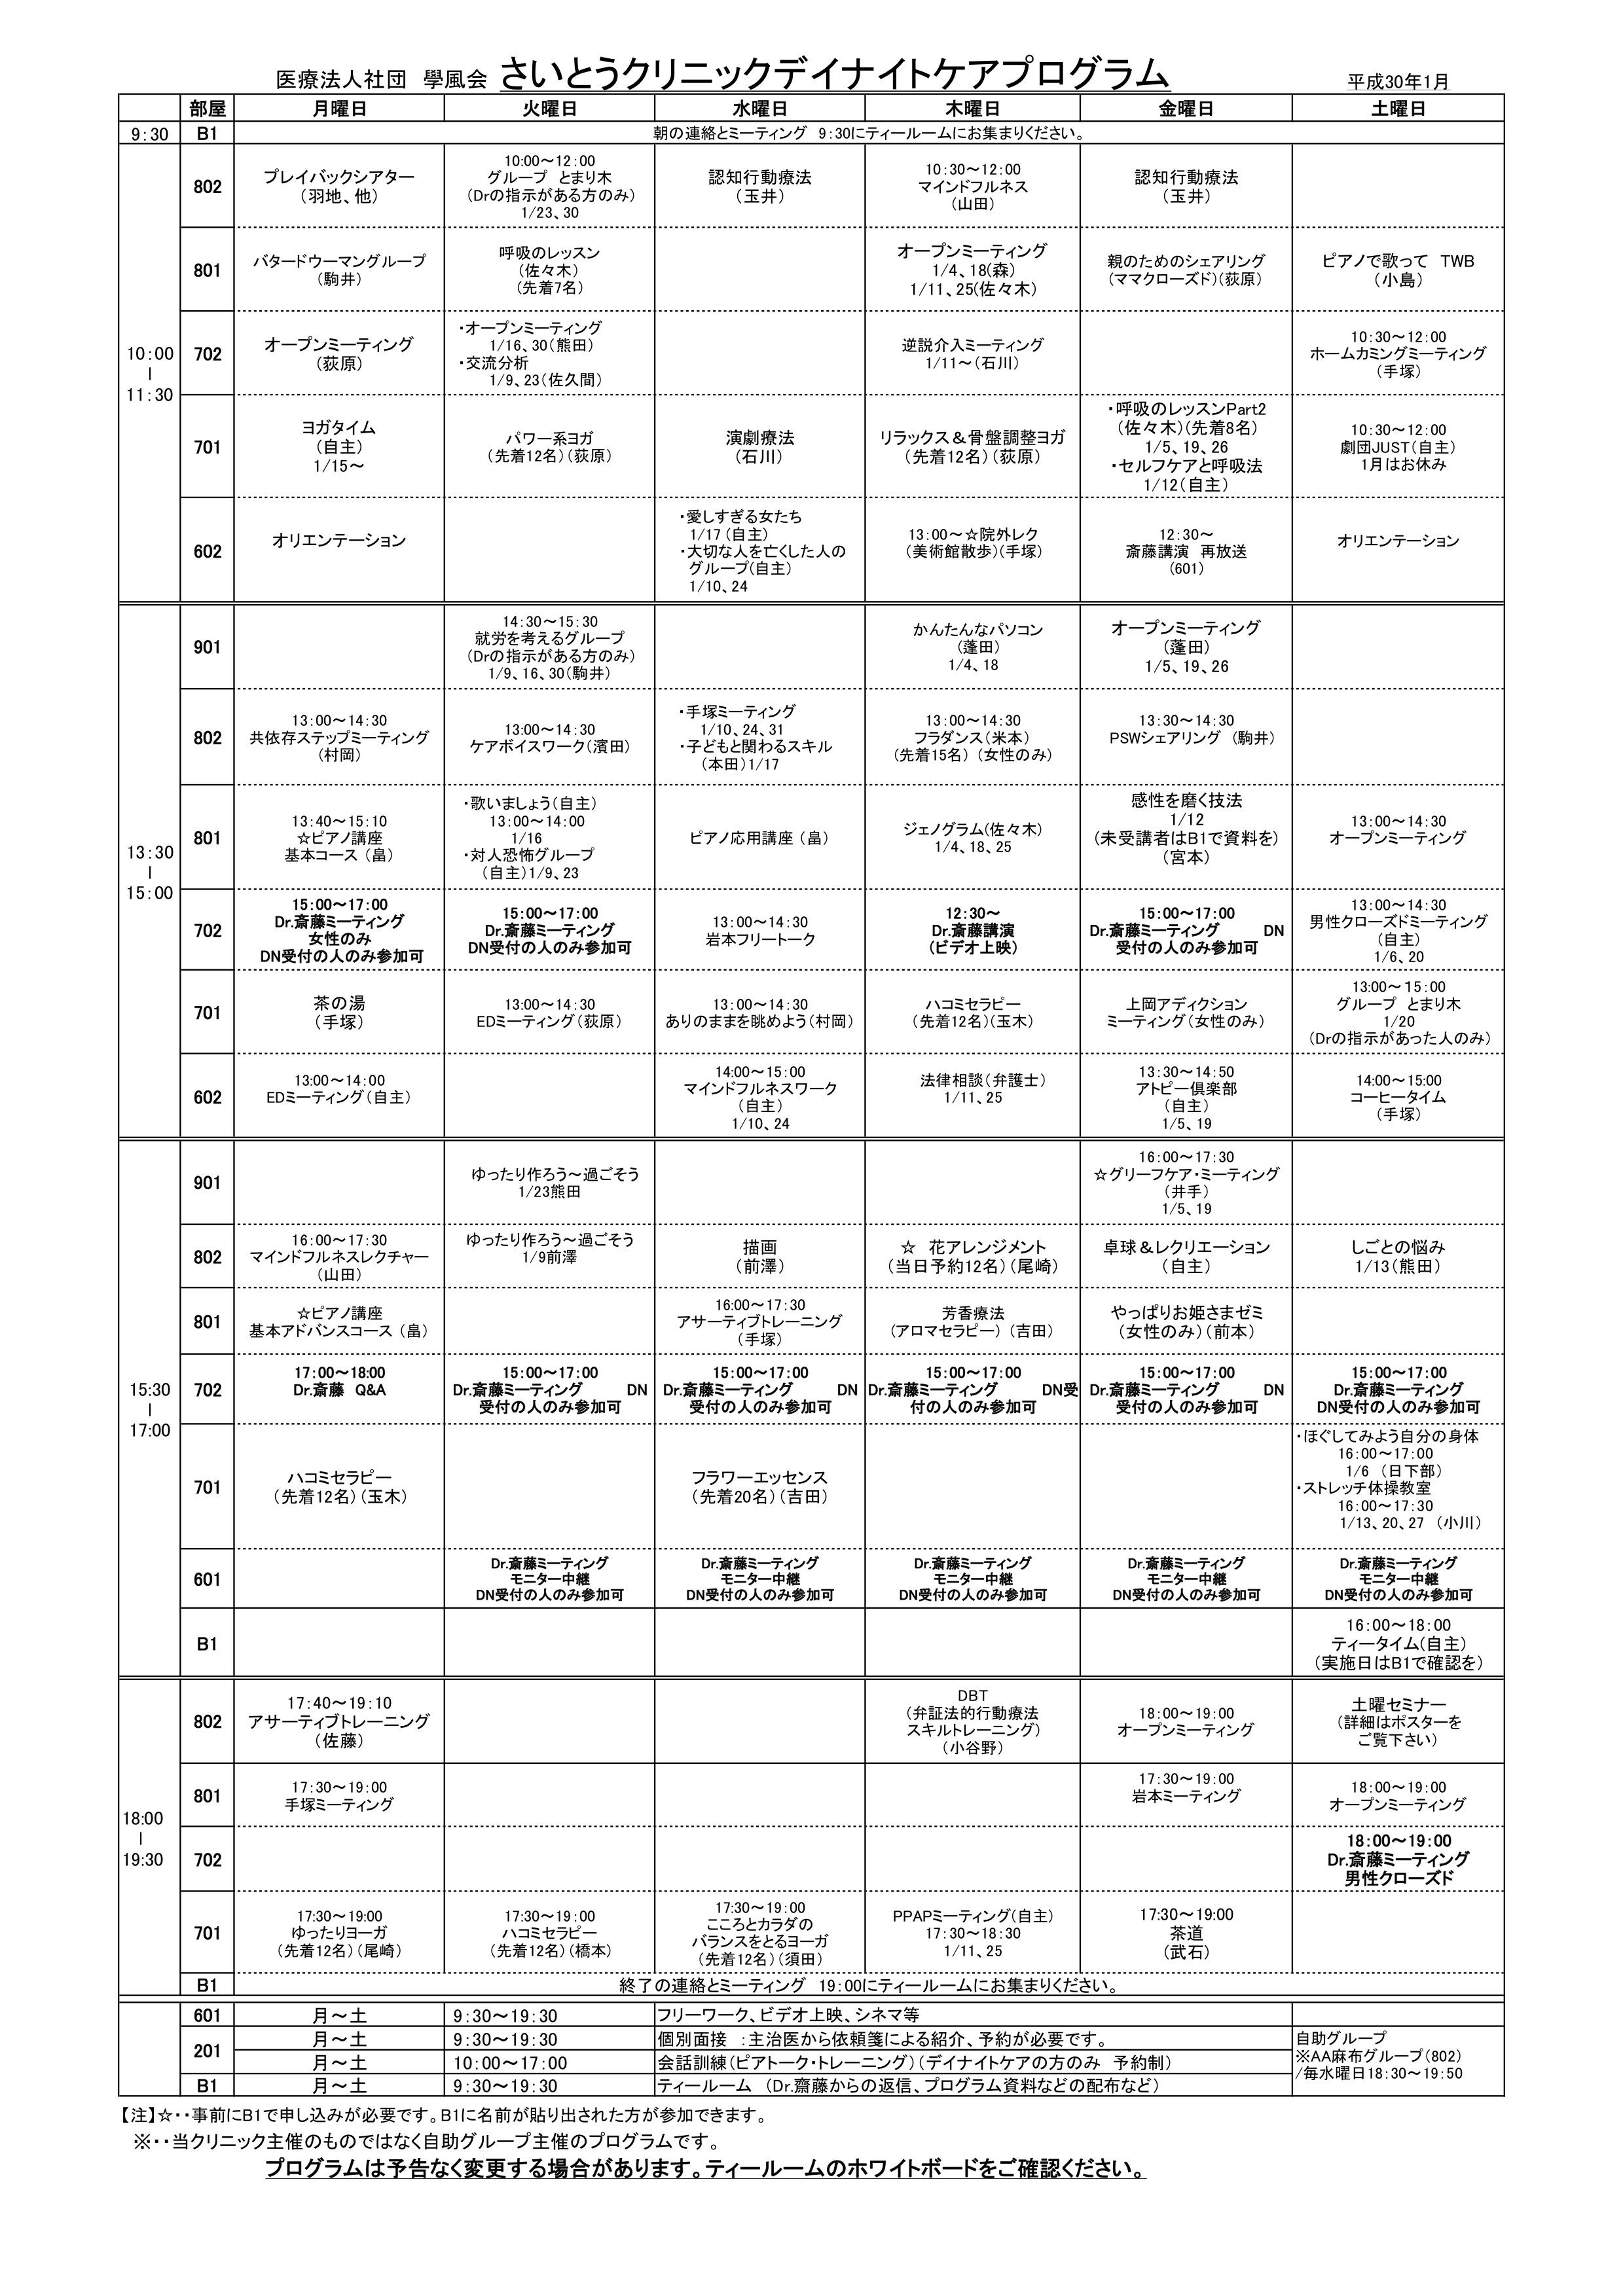 201801月プログラム進行表